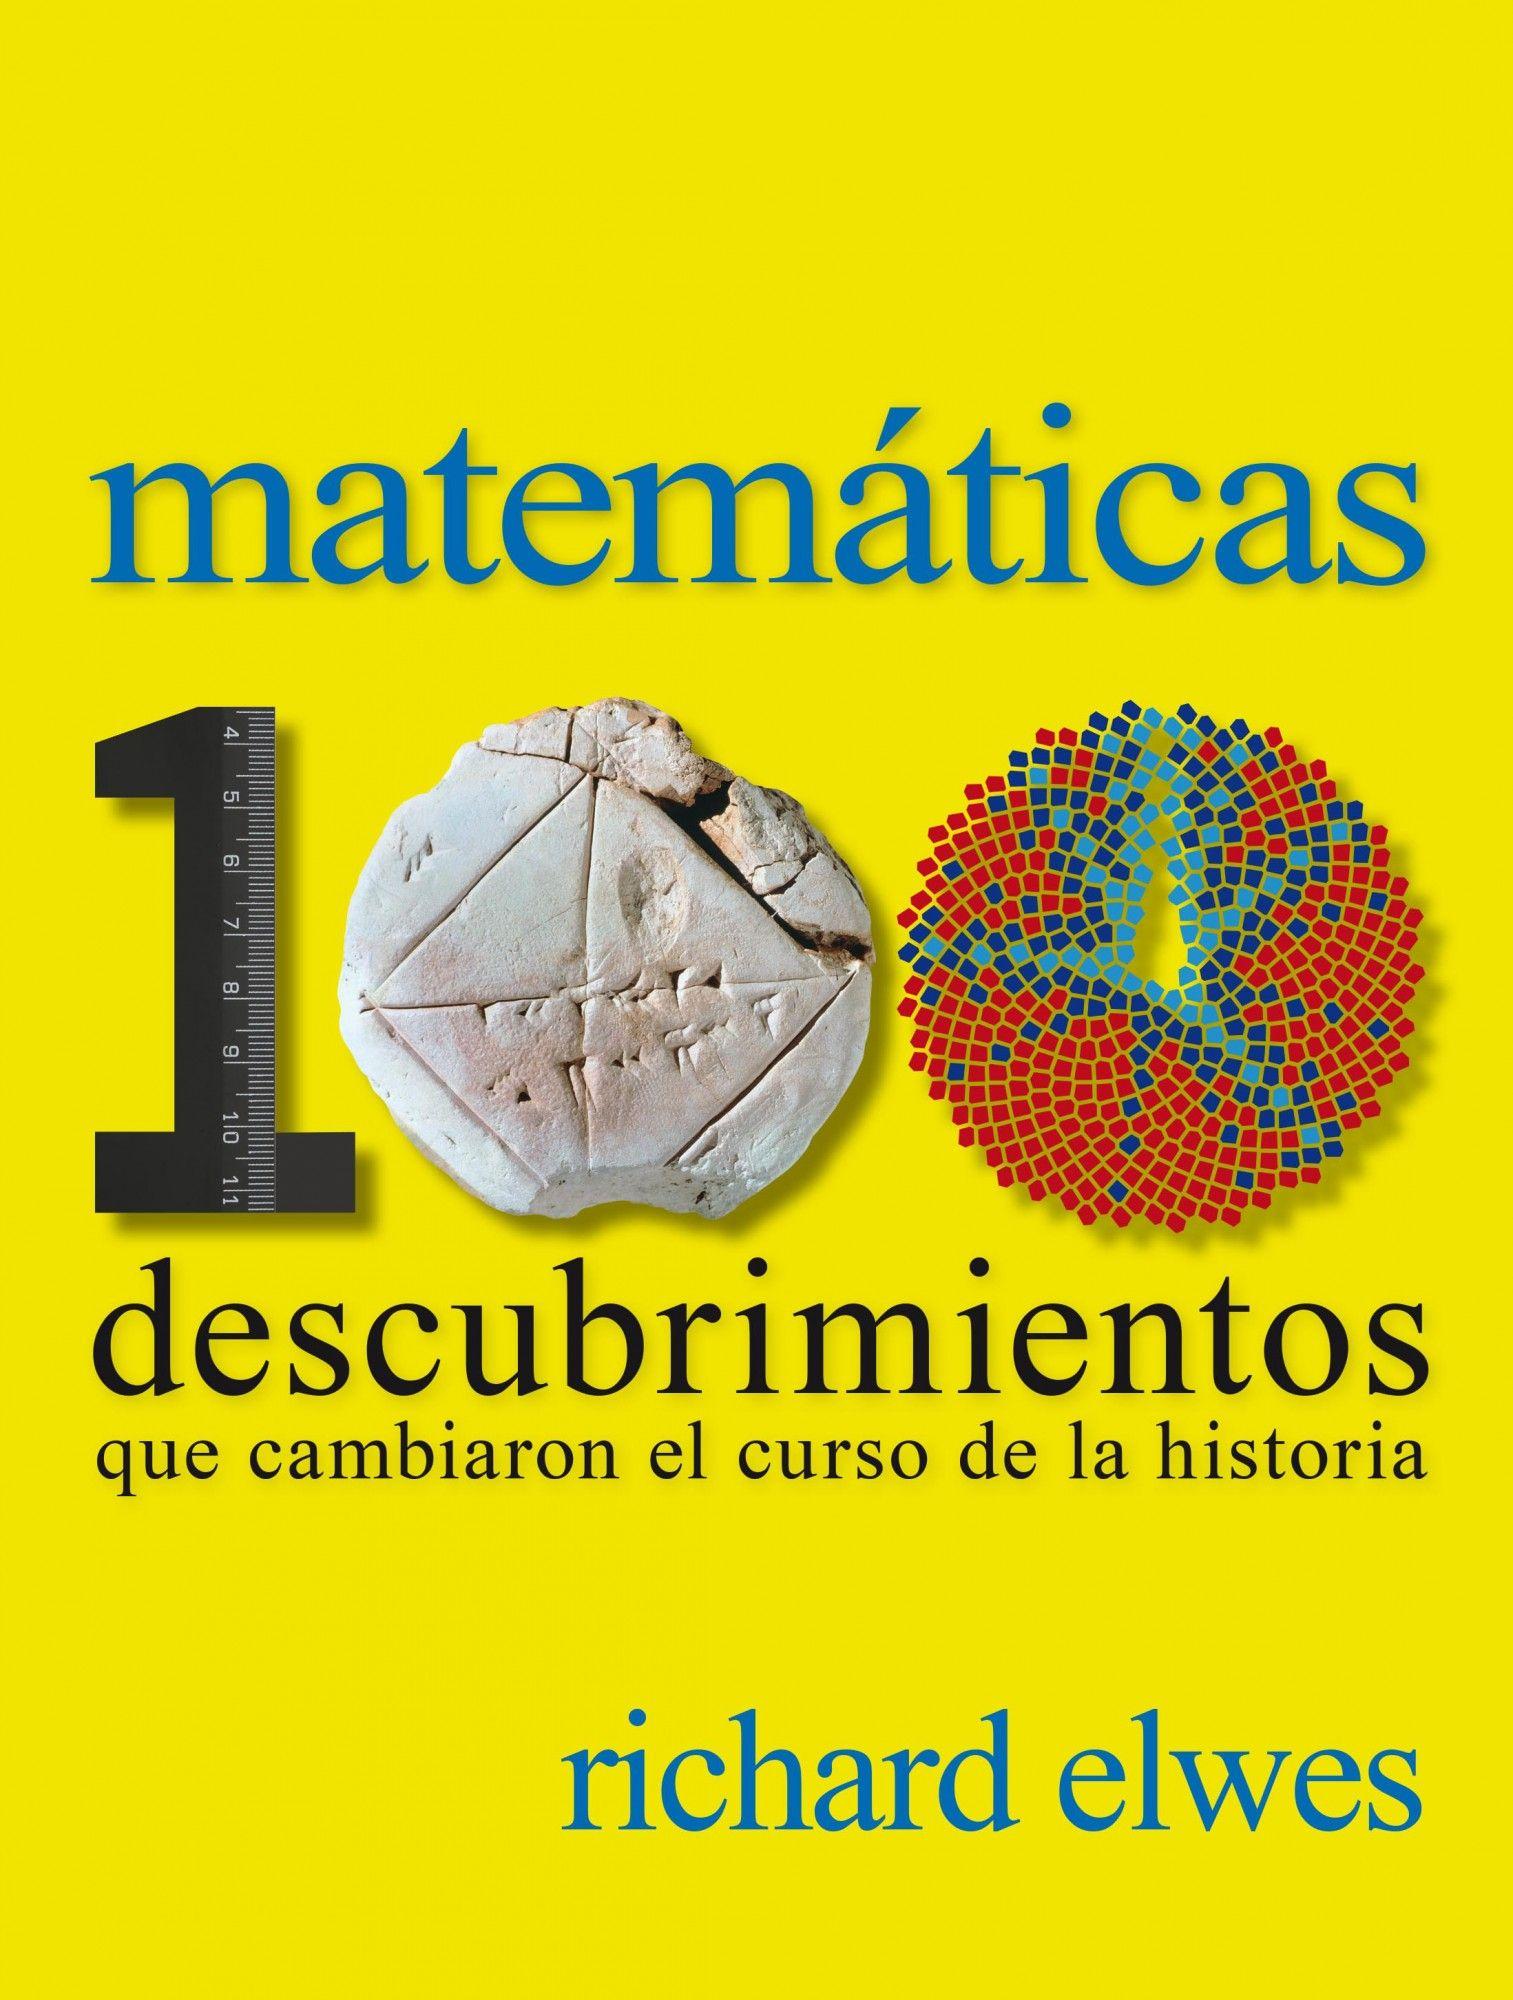 Matematicas 100 Descubrimientos Que Cambiaron El Curso De La